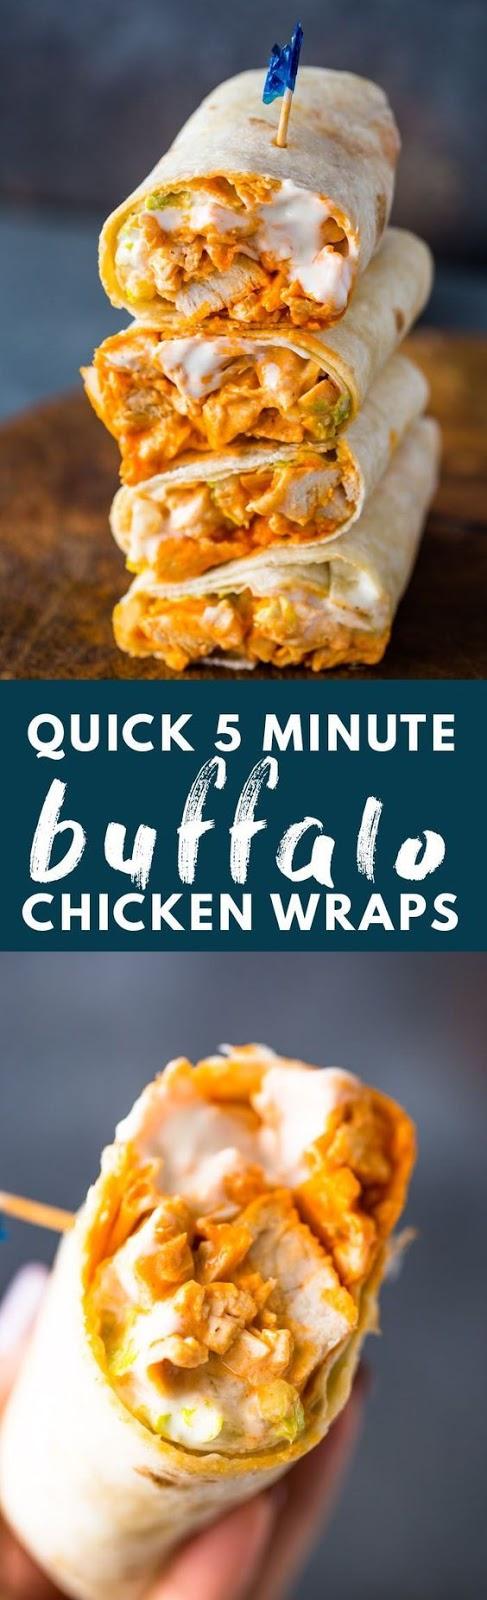 5 MINUTE BUFFALO CHICKEN WRAPS #5minute #Buffalo #chicken #Easyrecipe #Wraps #Dinner #Easydinner #Healthydinner